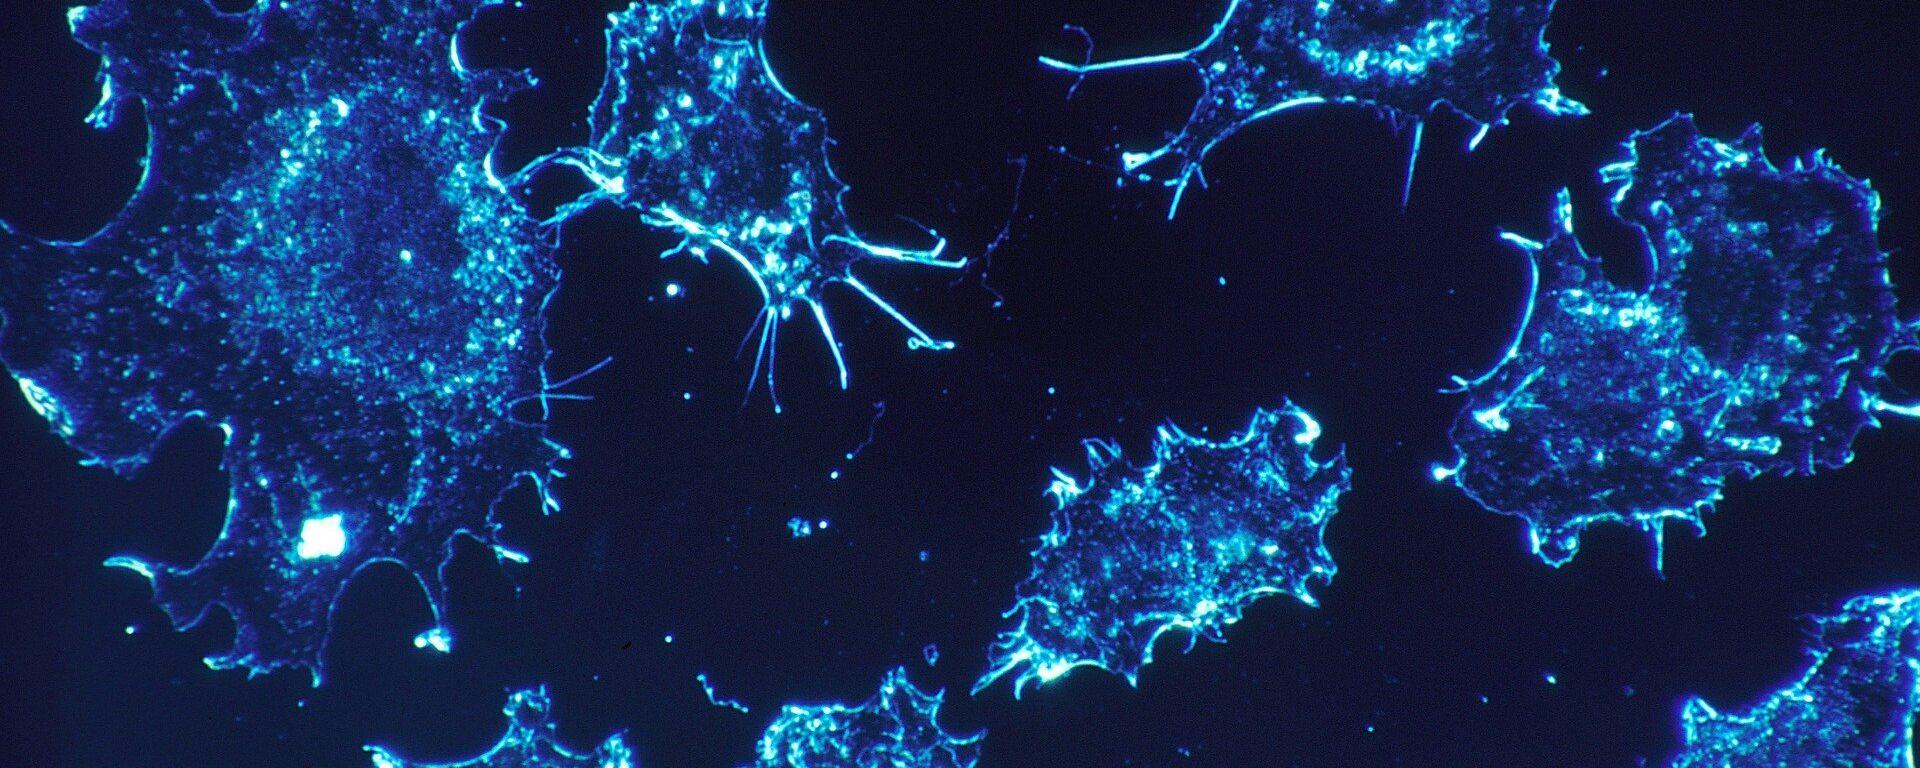 Le cellule cancerose  - Sputnik Italia, 1920, 04.06.2020